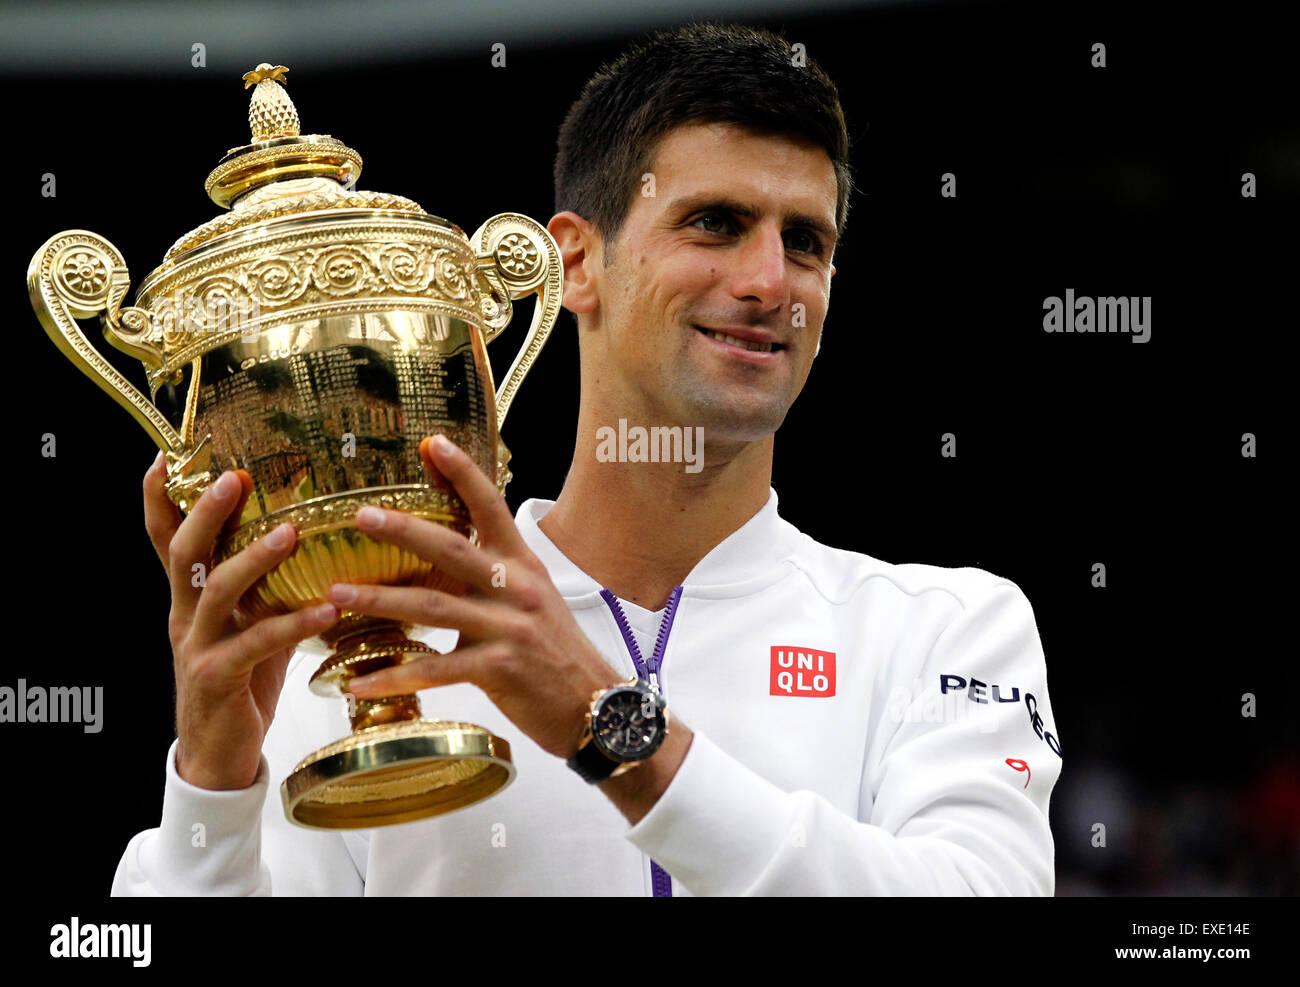 London, Londres, Royaume-Uni. 12 juillet, 2015. Novak Djokovic la Serbie de pose avec le trophée après Photo Stock